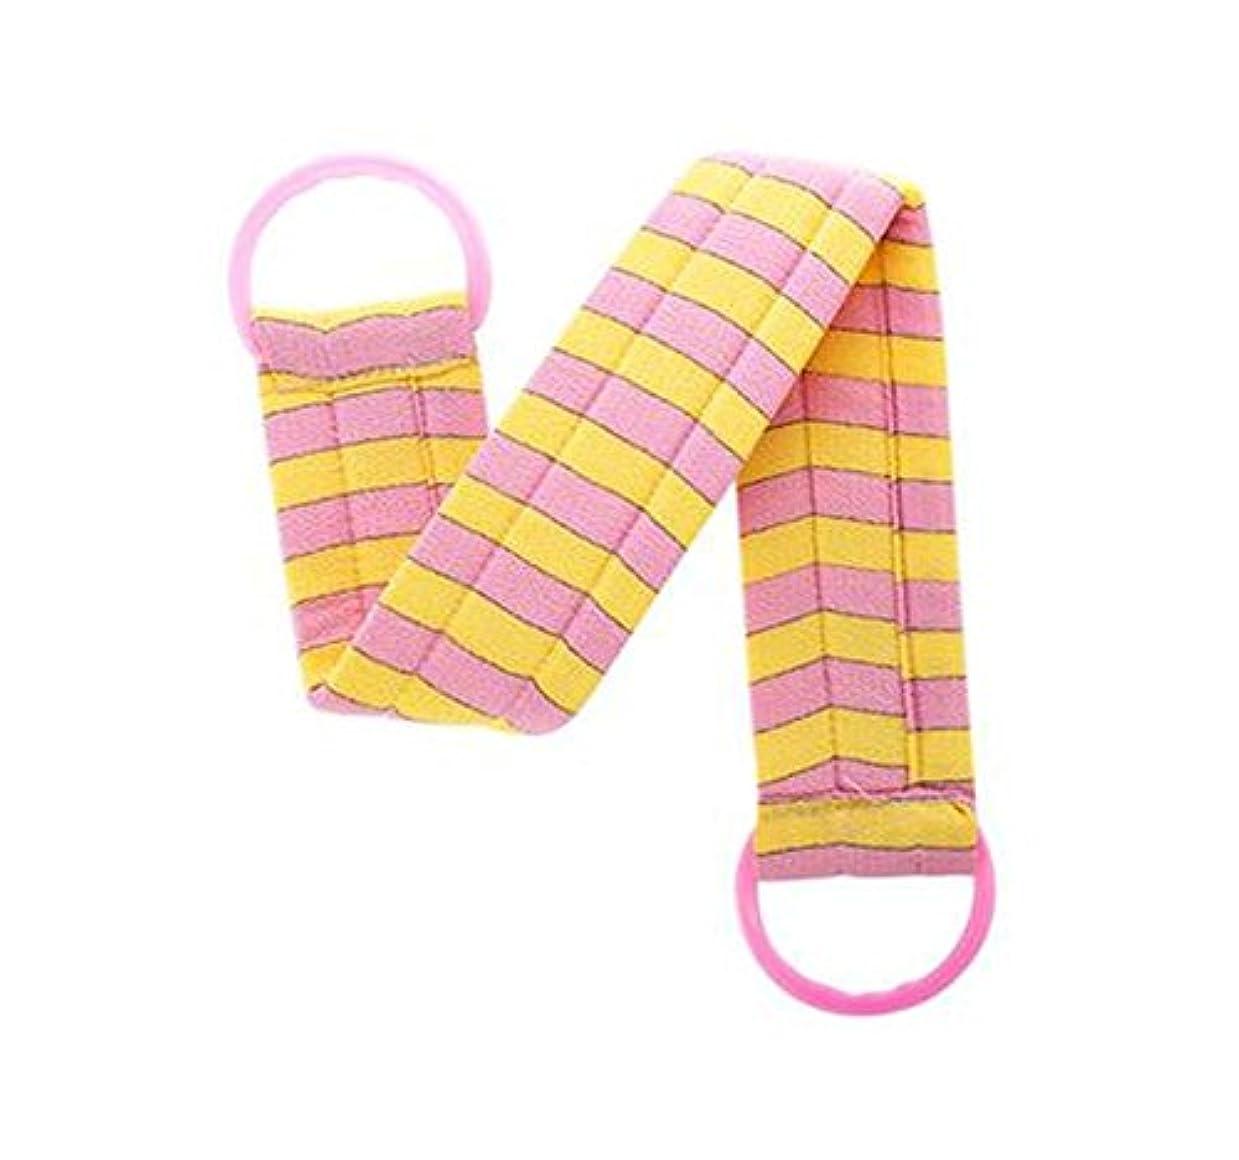 一次雑草見つけた2部分のボディクリーニングのバスベルトタオルの剥離のバスベルト、ピンクの黄色